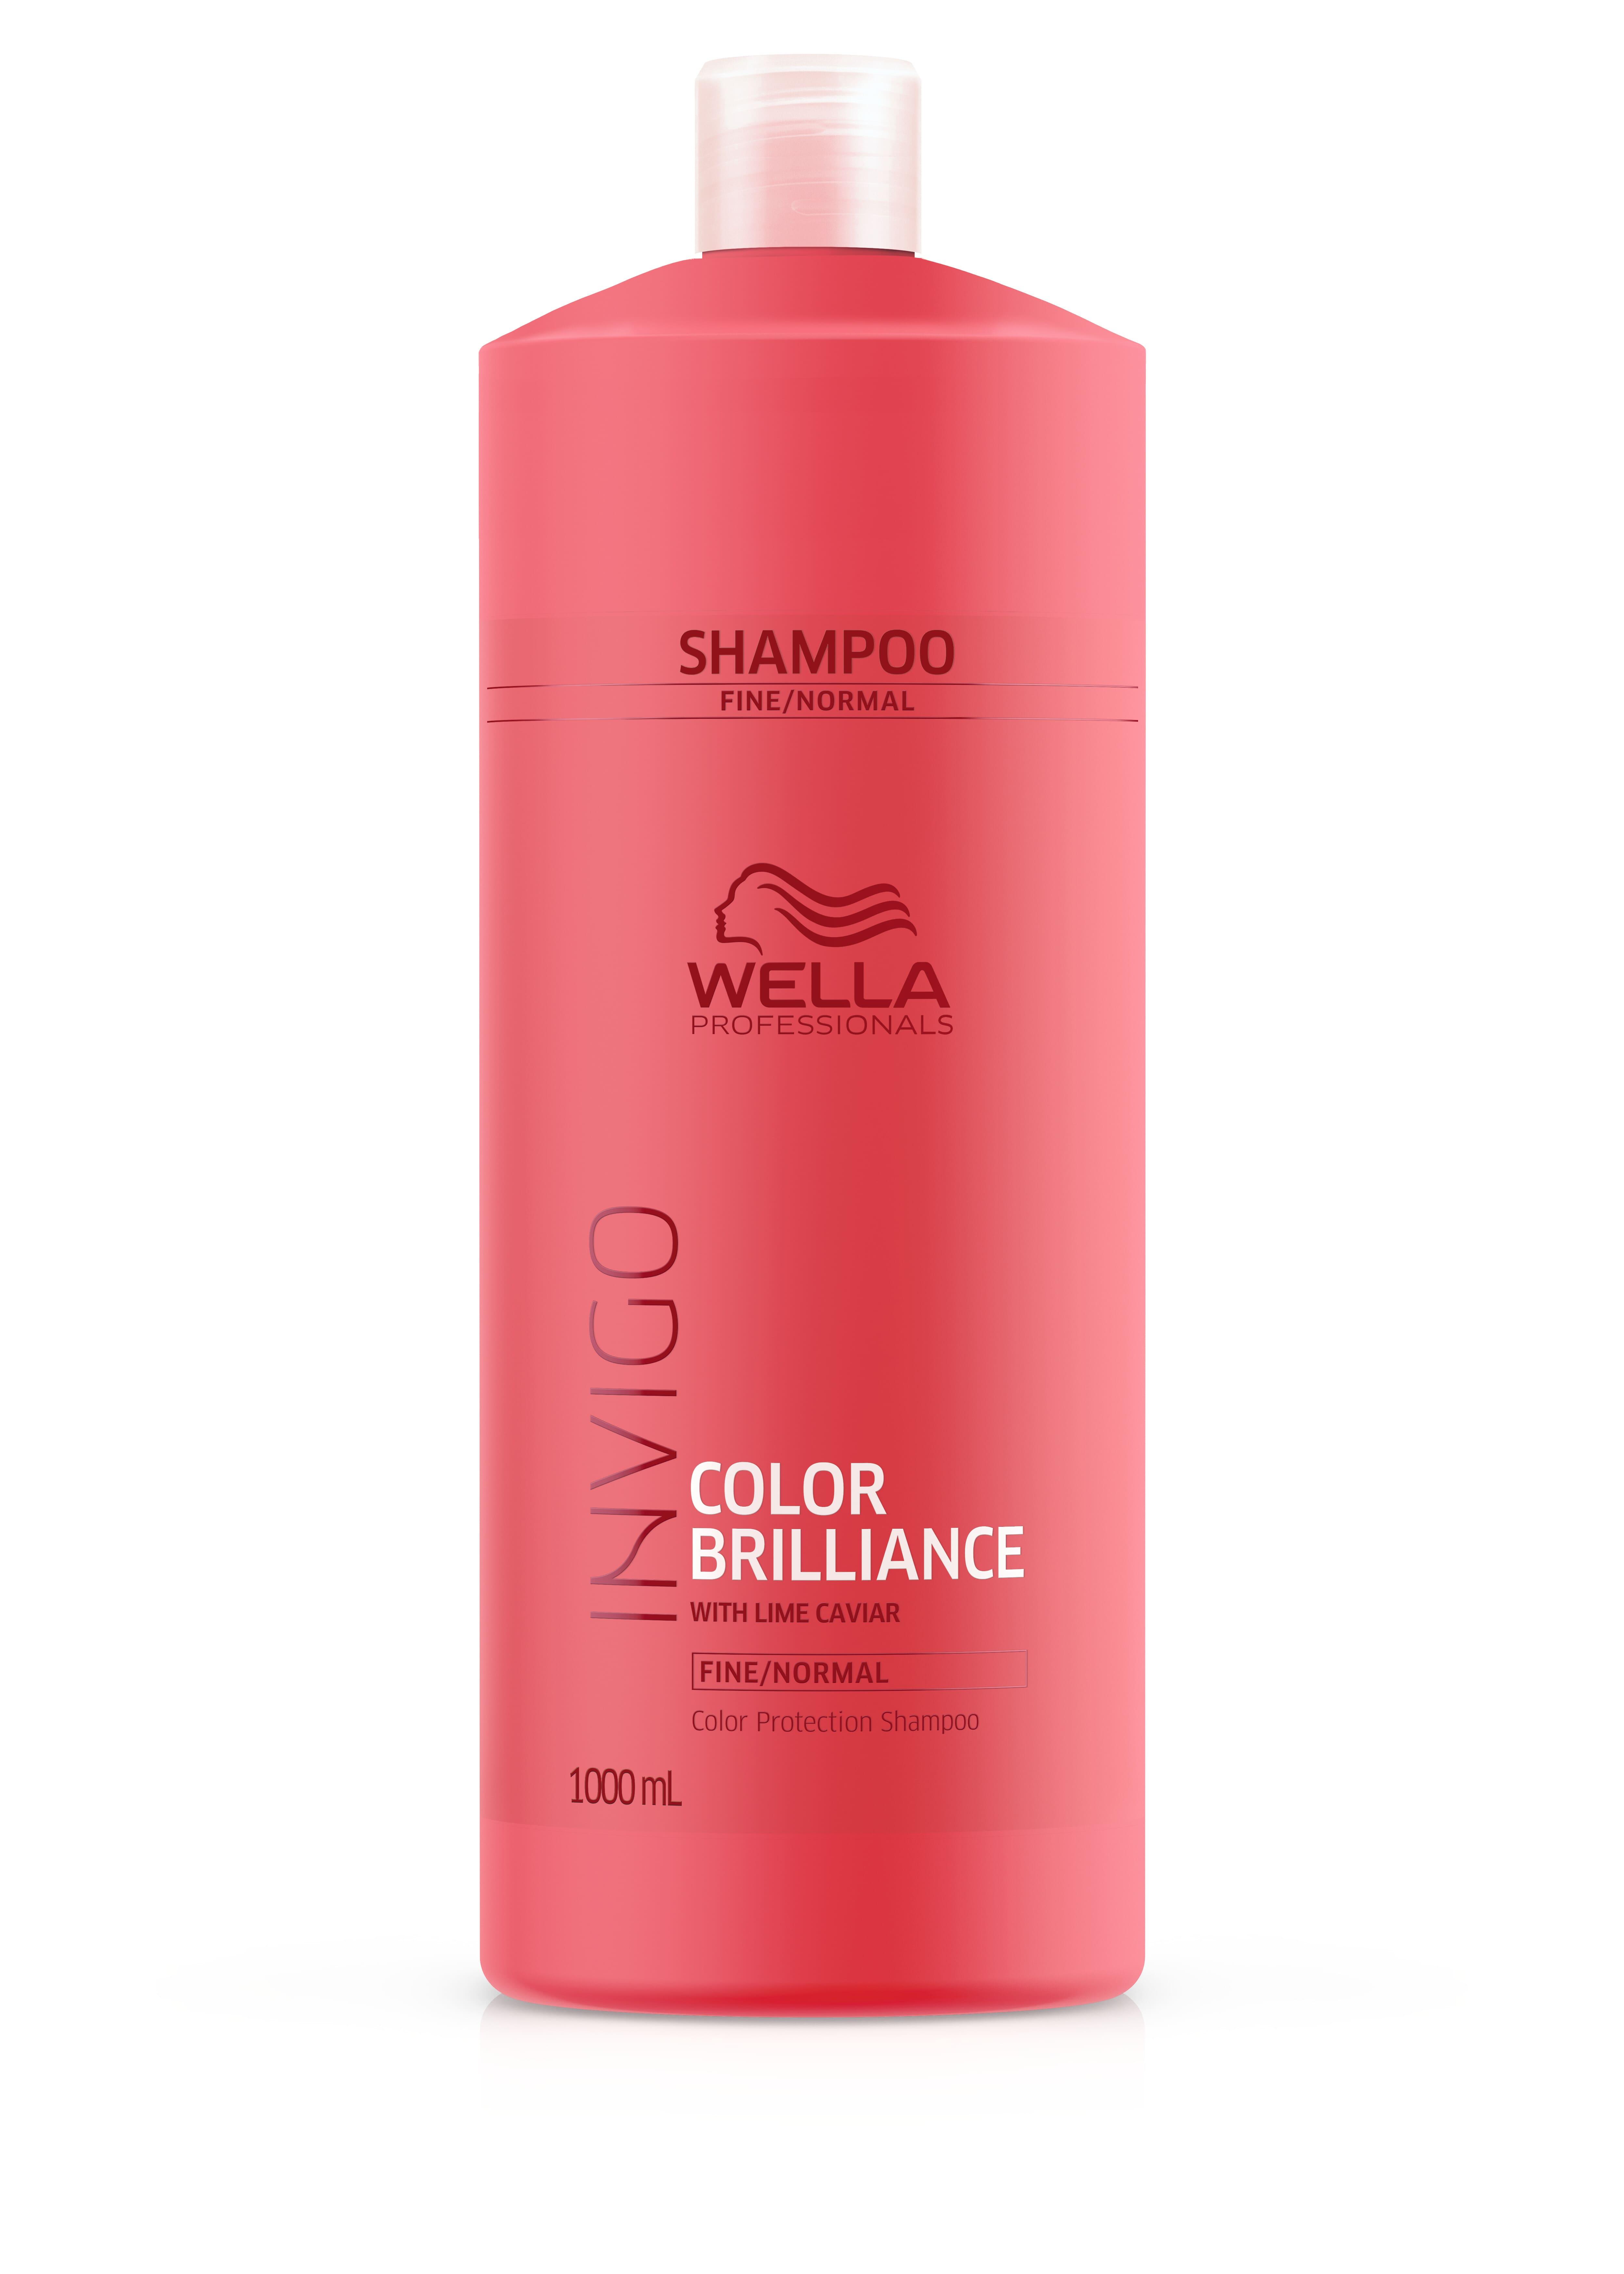 Wella Invigo - Champú COLOR BRILLIANCE cabello teñido fino normal 1000 ml 4c0c428cc8a4